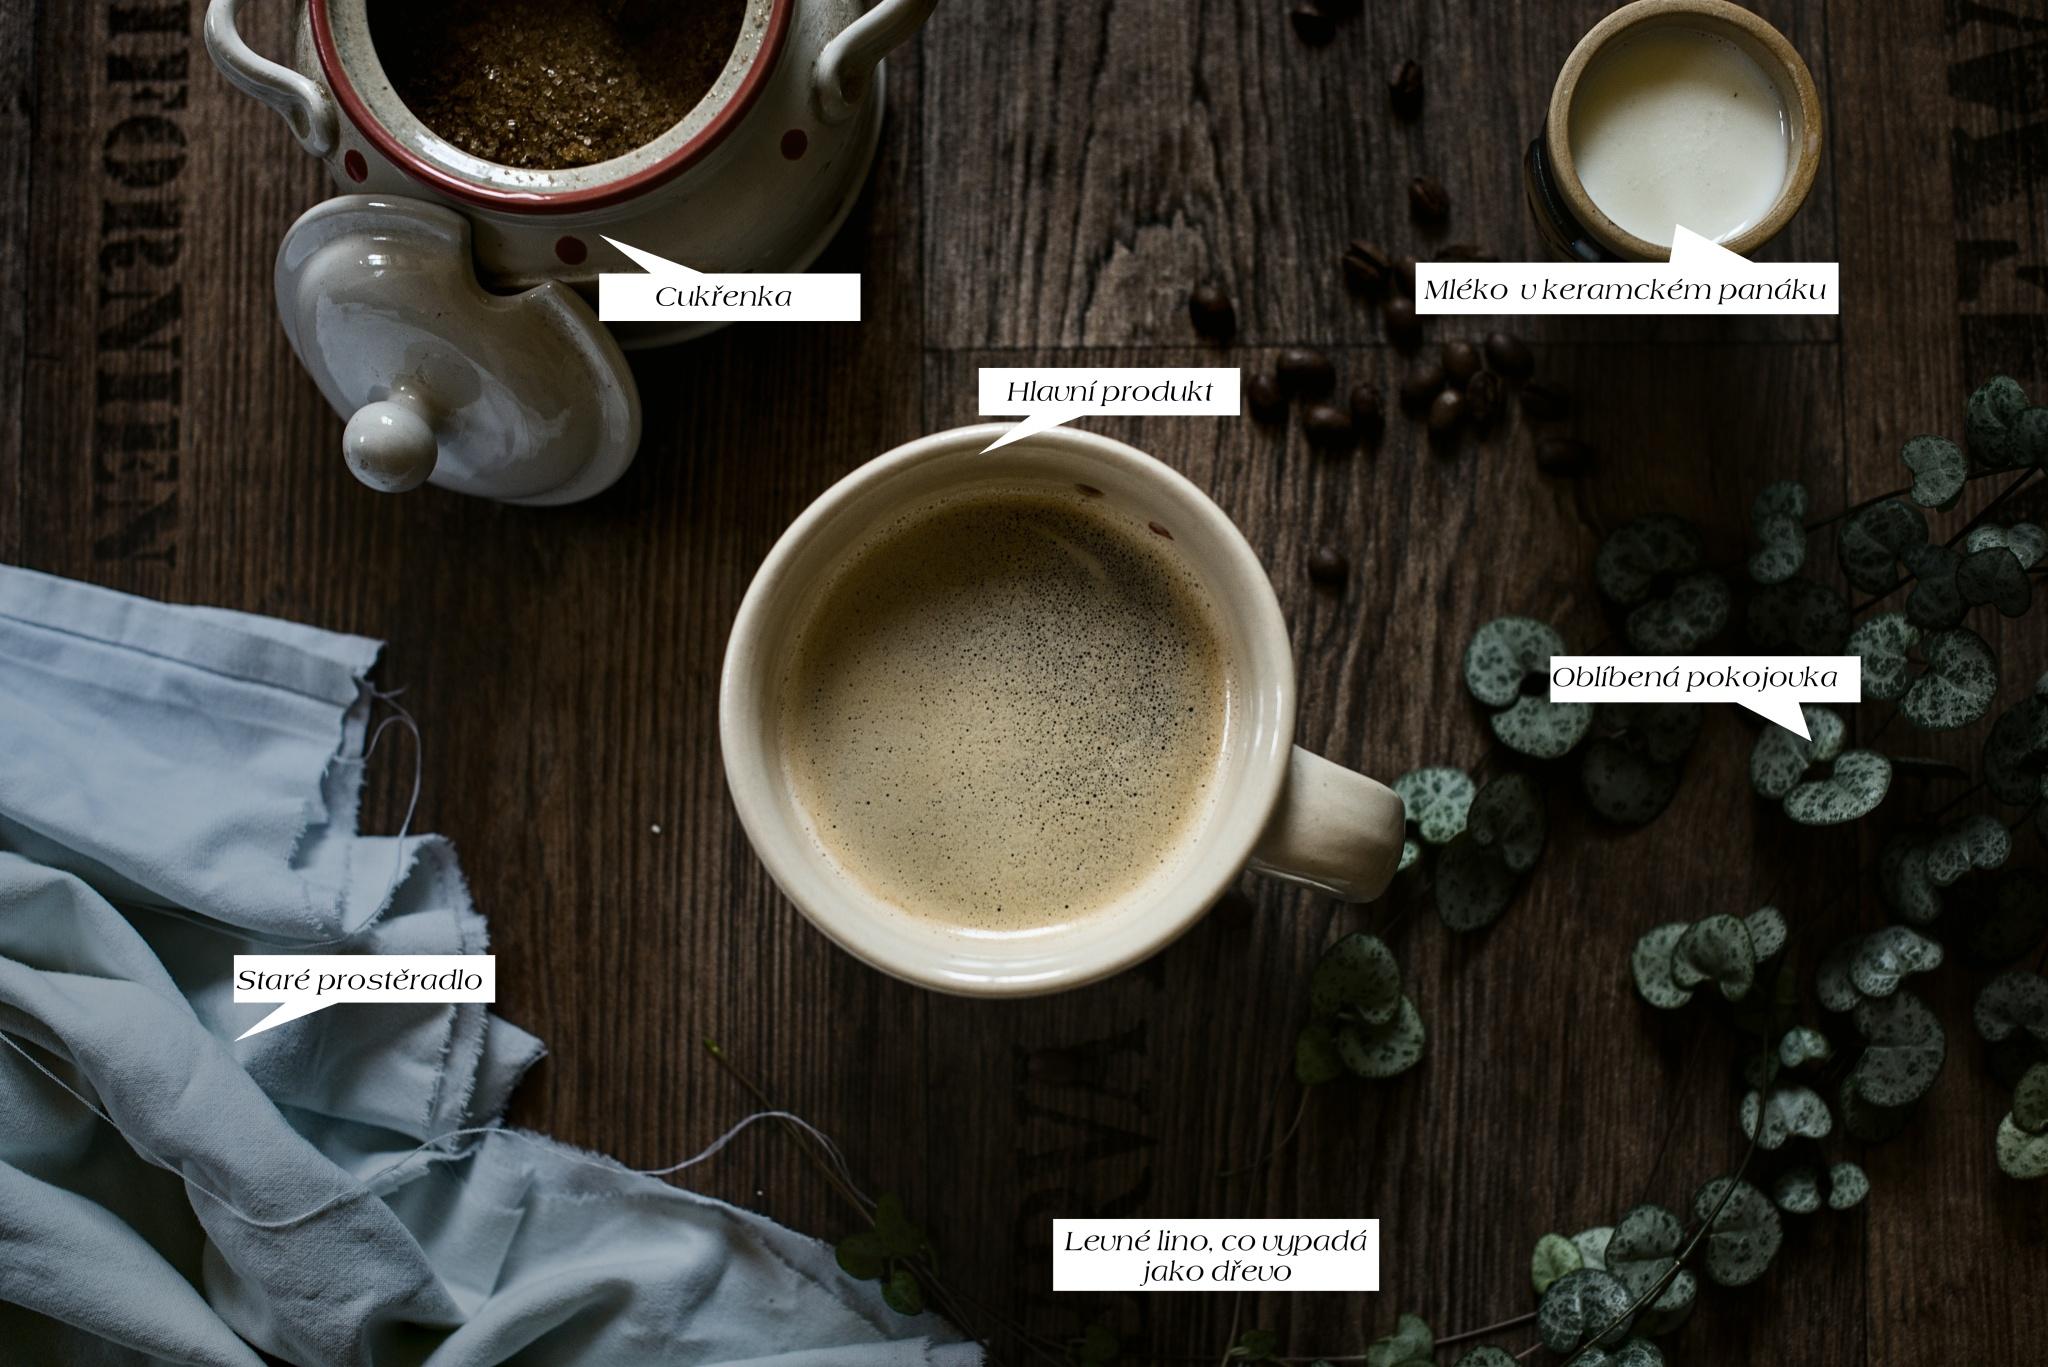 Jak fotit produkty v domácích podmínkách